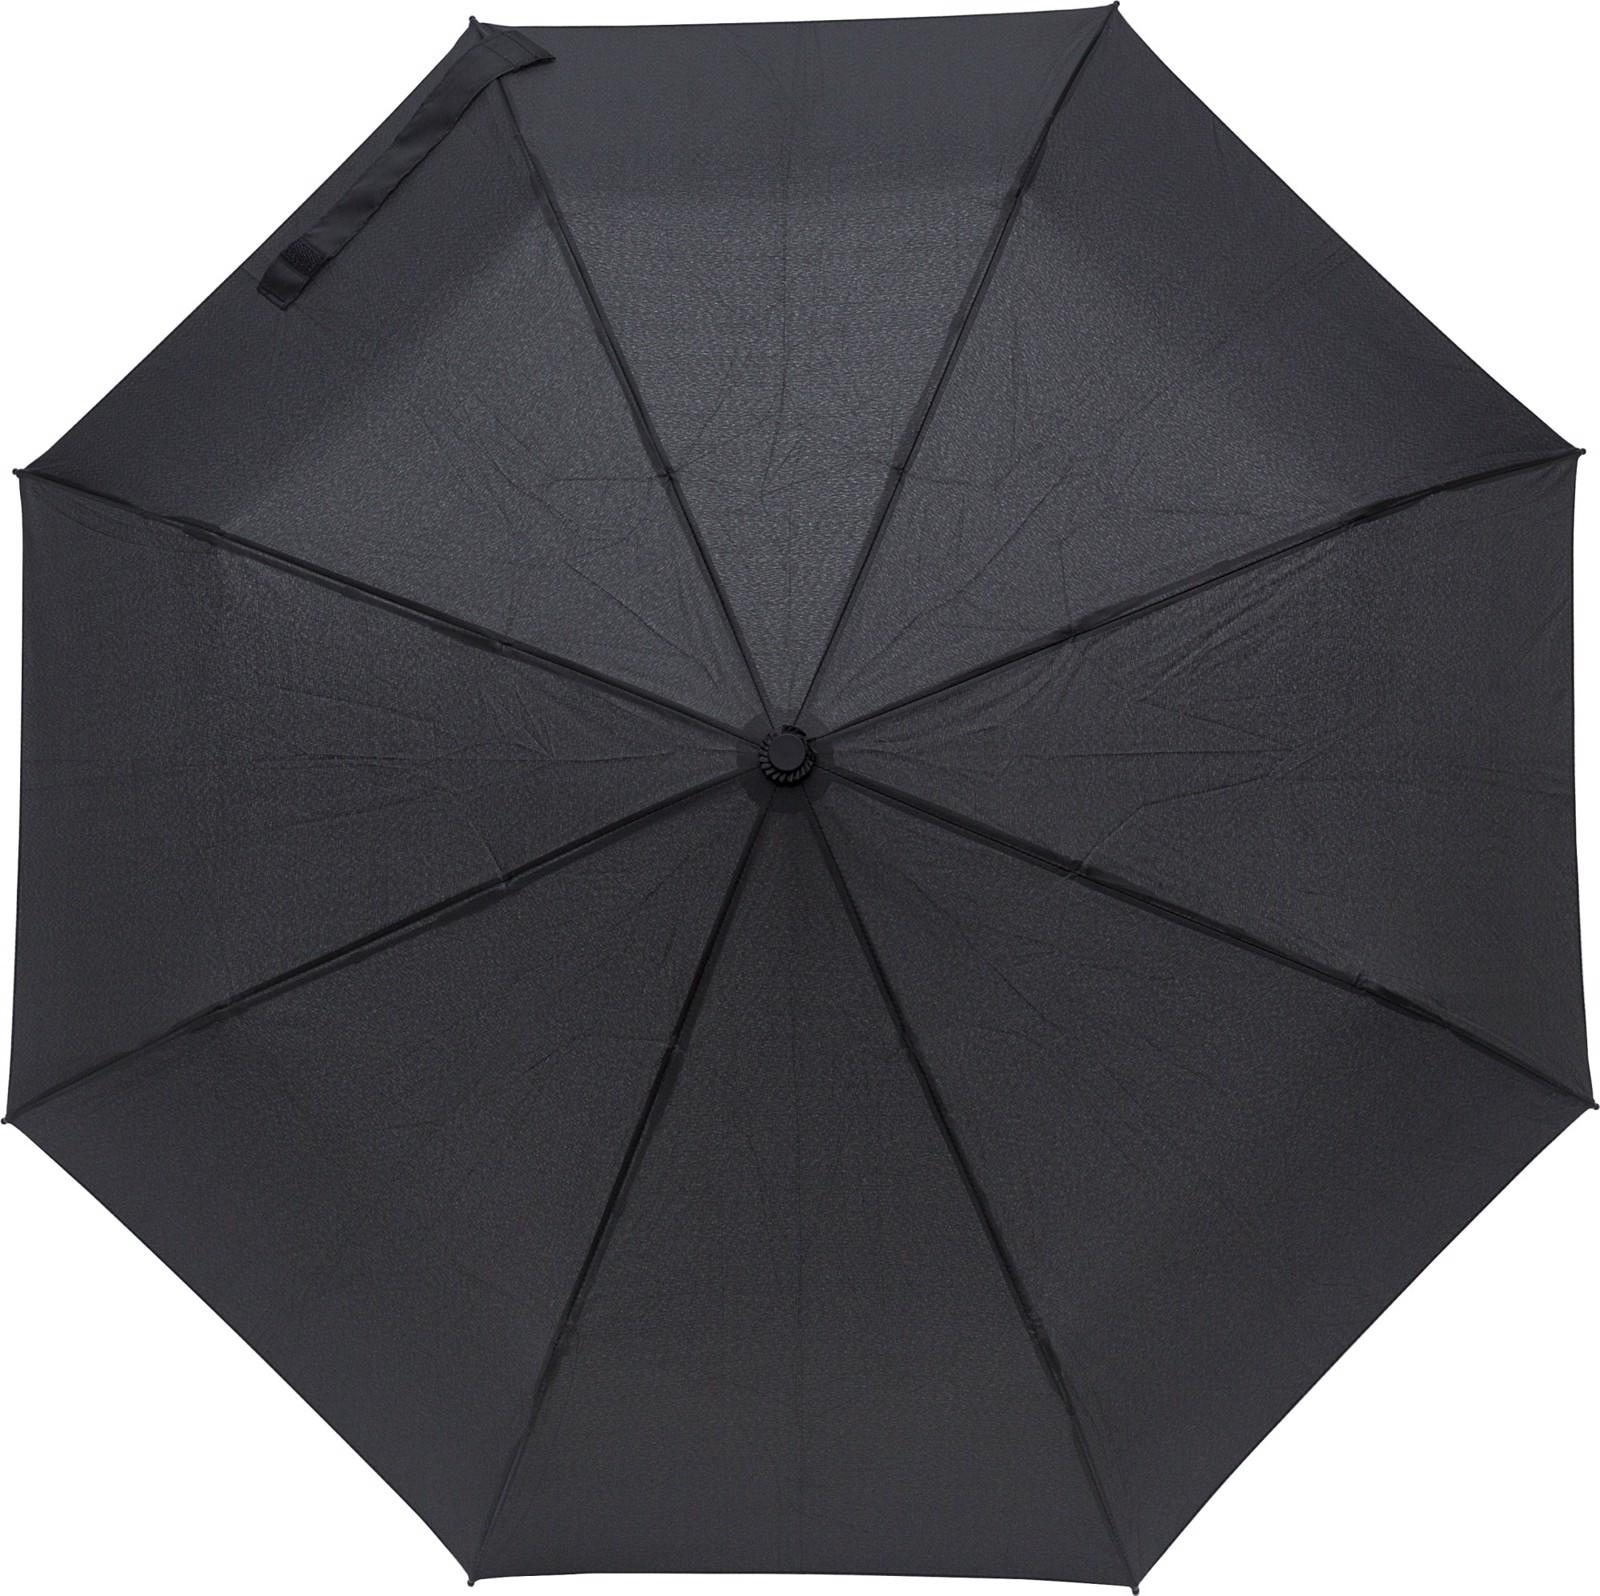 Pongee (190T) umbrella - Black